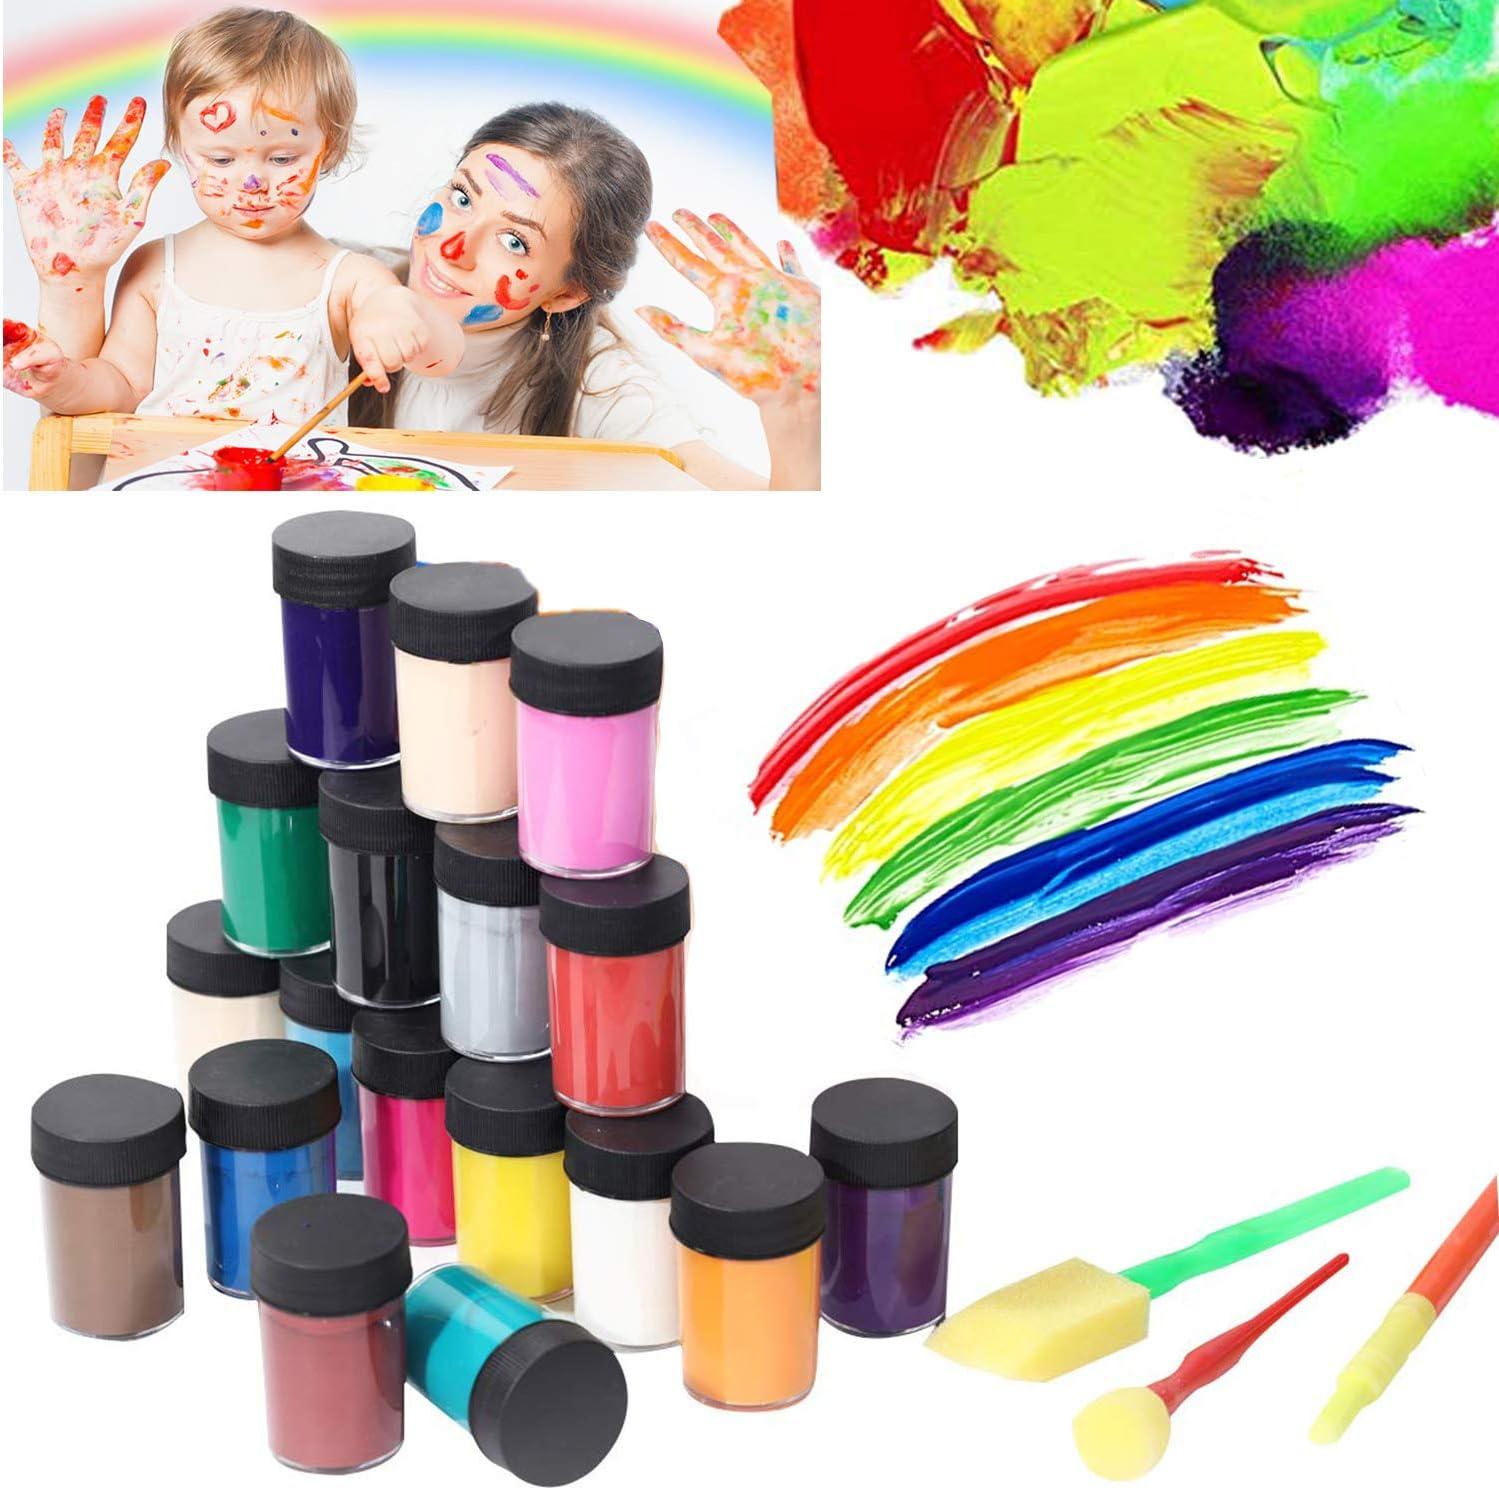 Imoli 18 Colori Per Pittura A Tempera Lavabile Set Di Pigmenti Per Pittura Liquida Con Pennelli In Spugna Per Arti Poster Progetti Artigianali Amazon It Casa E Cucina